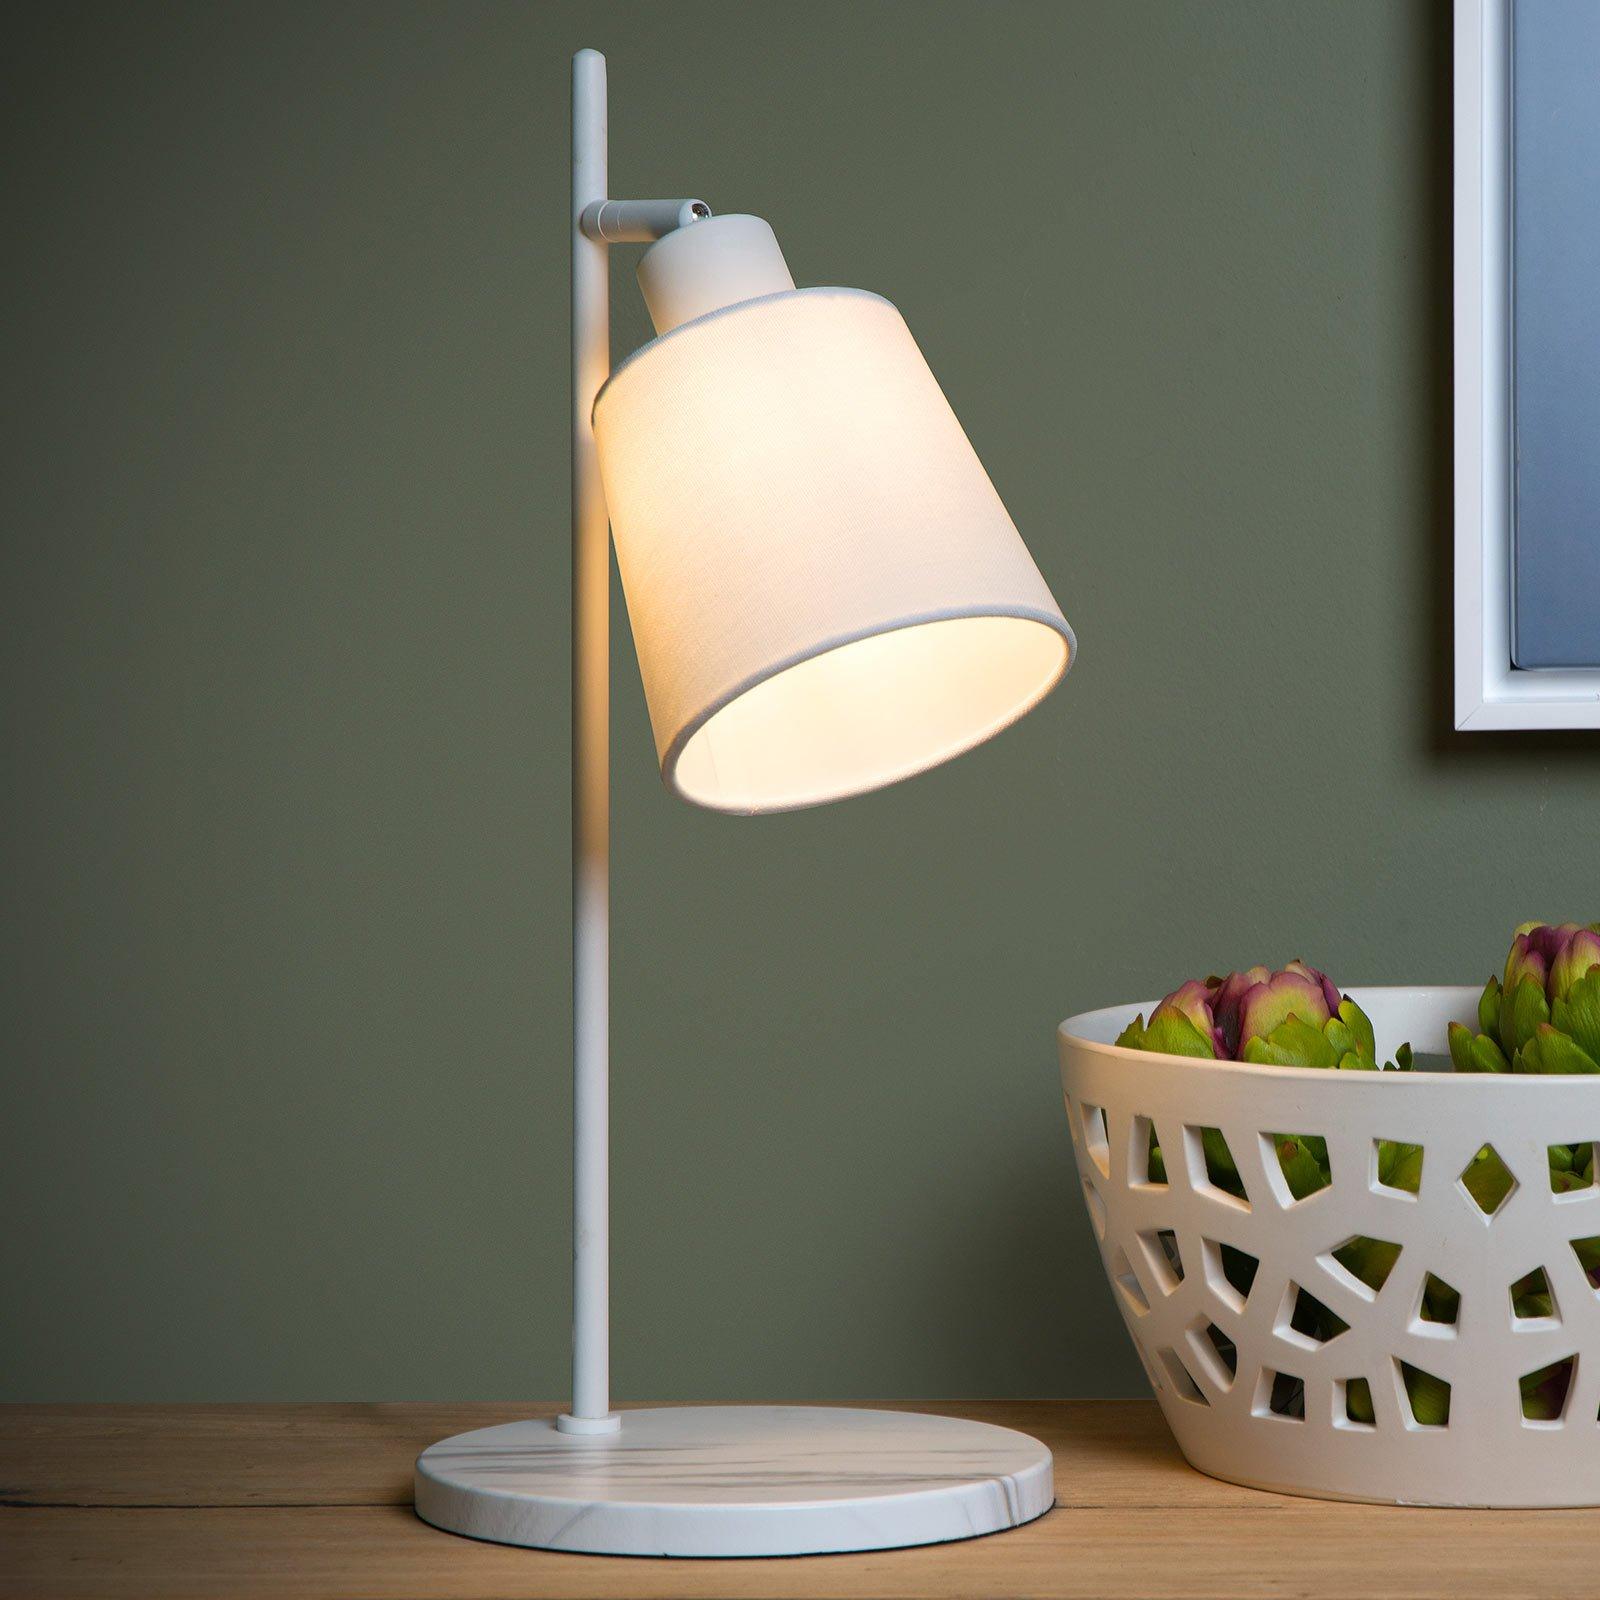 Pippa bordlampe med tekstilskjerm, hvit